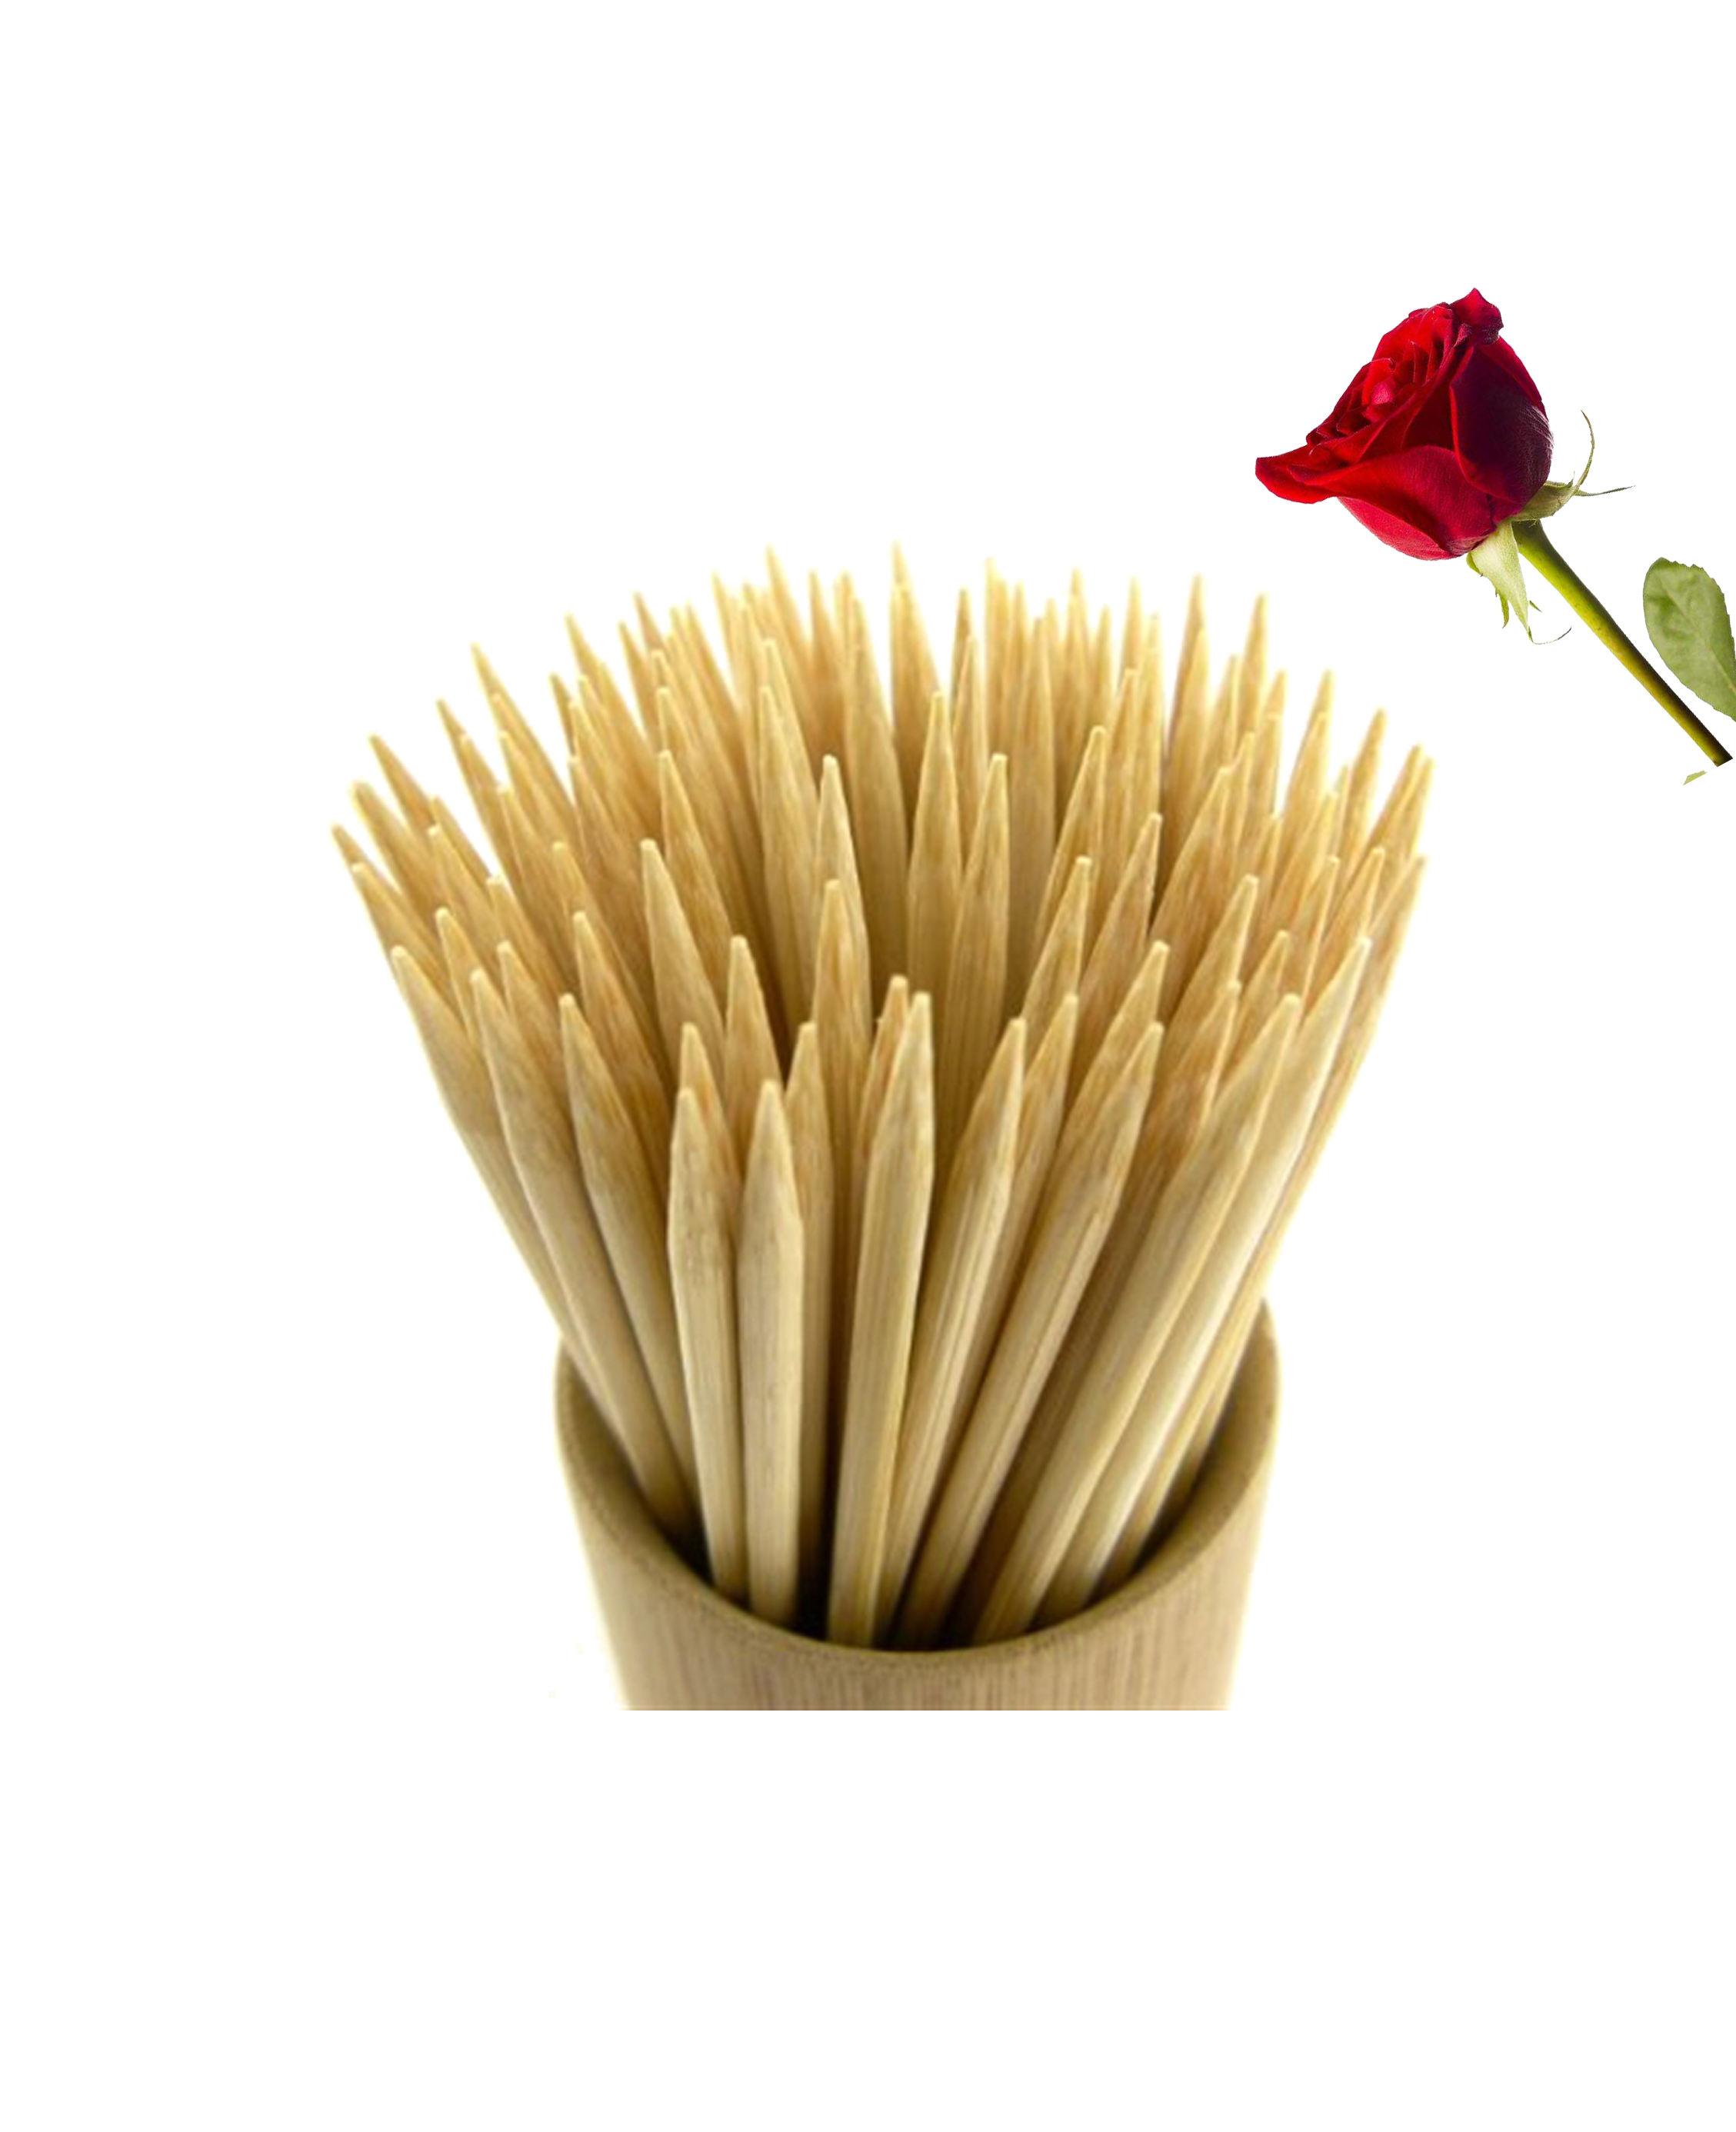 Bambus spieß sticks lebensmittel 36 zoll 5mm 36 inch * 7mm stick